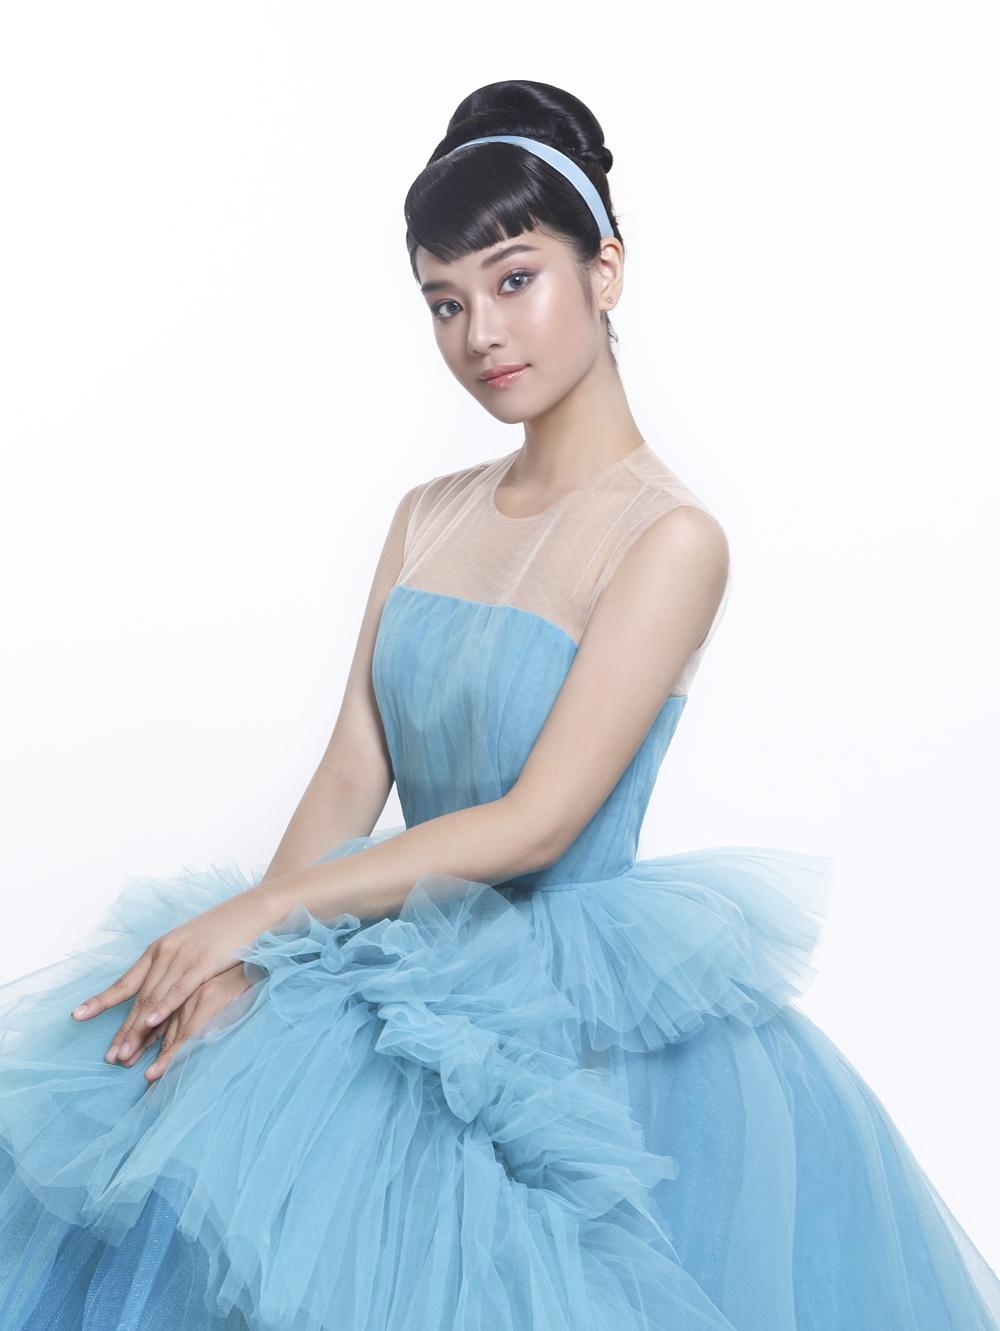 Lấy cảm hứng từ Lọ Lem trong bộ phim hoạt hình ra mắt vào năm 1950, NTK Nguyễn Minh Công trao cho nữ diễn viên Tháng năm rực rỡ bộ trang phục màu xanh da trời đậm chất thơ, toát lên vẻ dung dị và nhẹ nhàng.